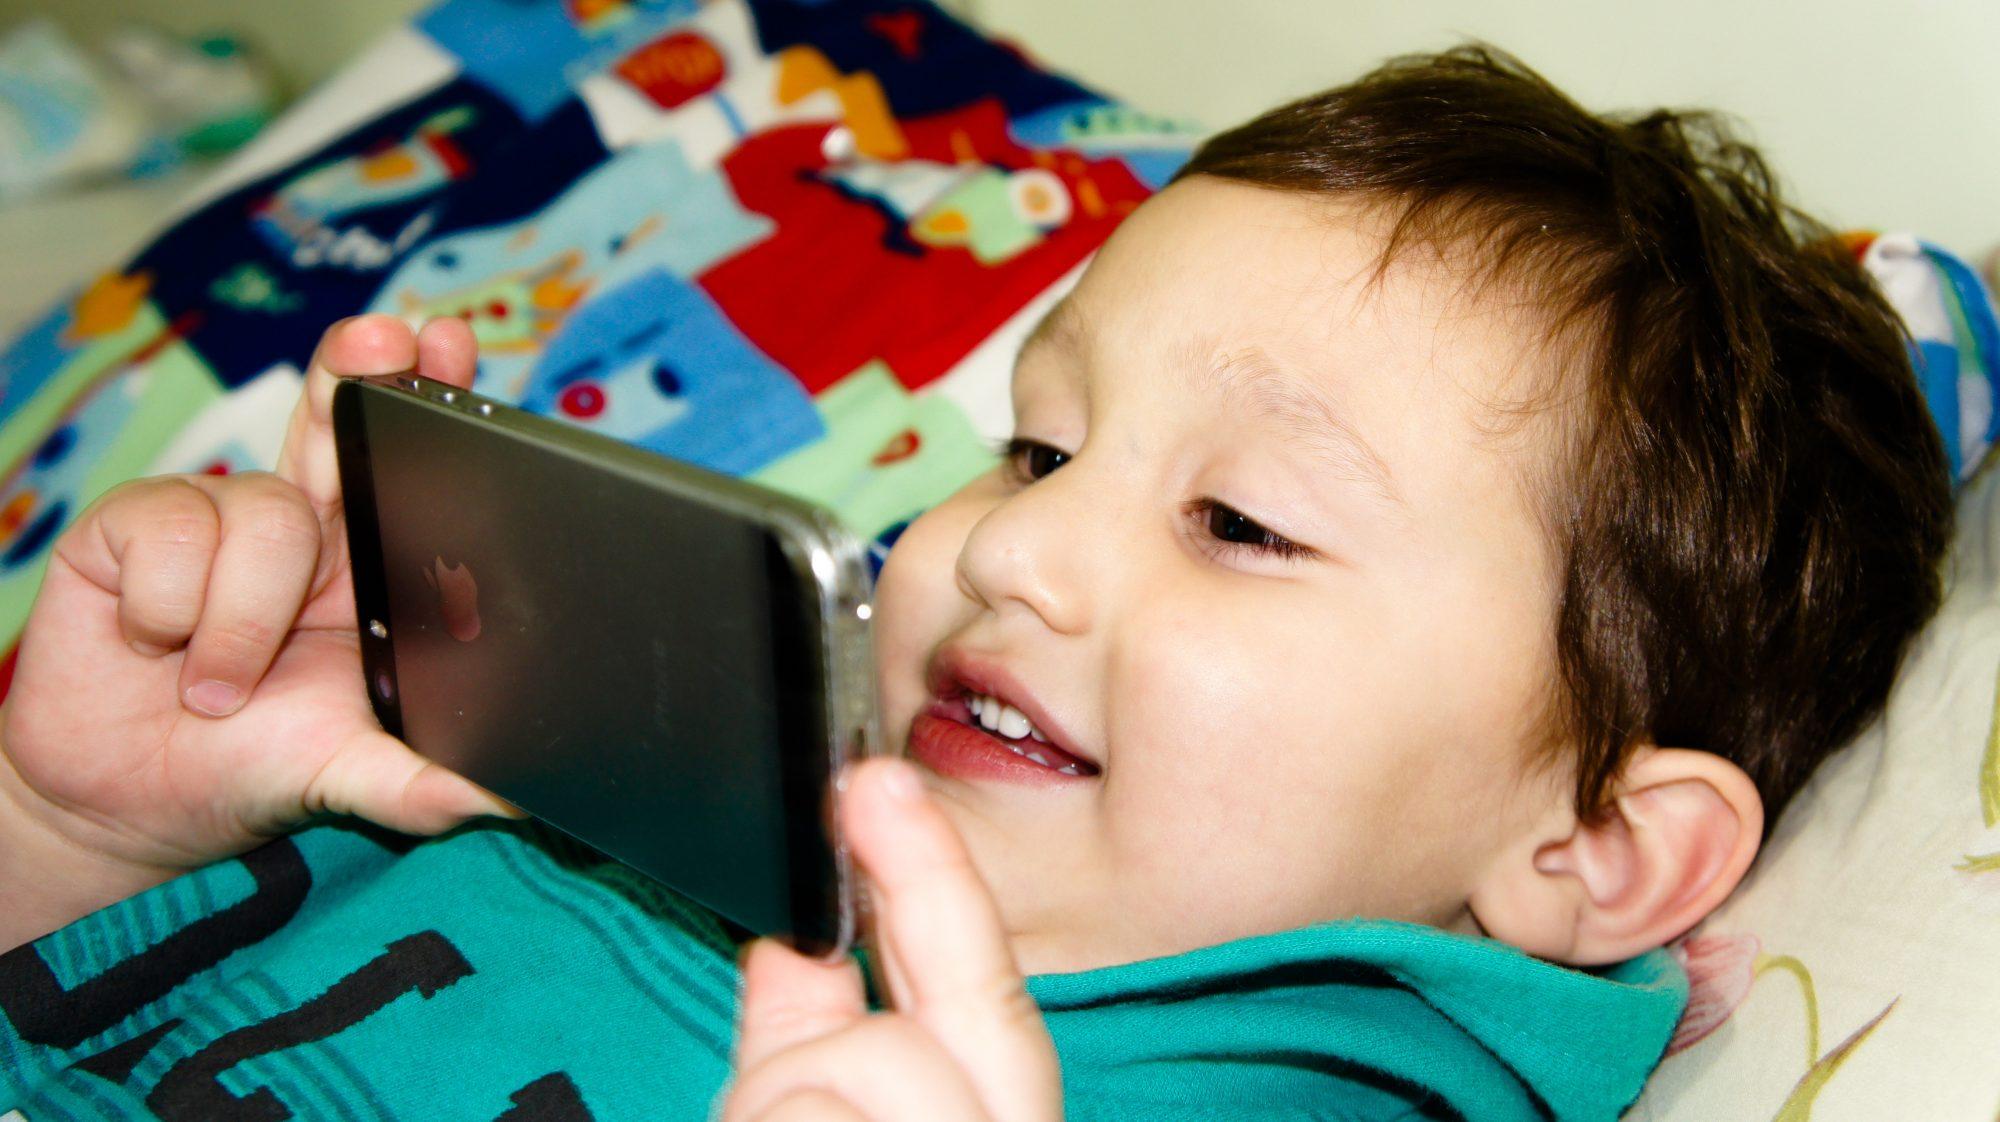 Juegos Online Educativos 3 8 Anos Segunda Parte Objetivo Tutti